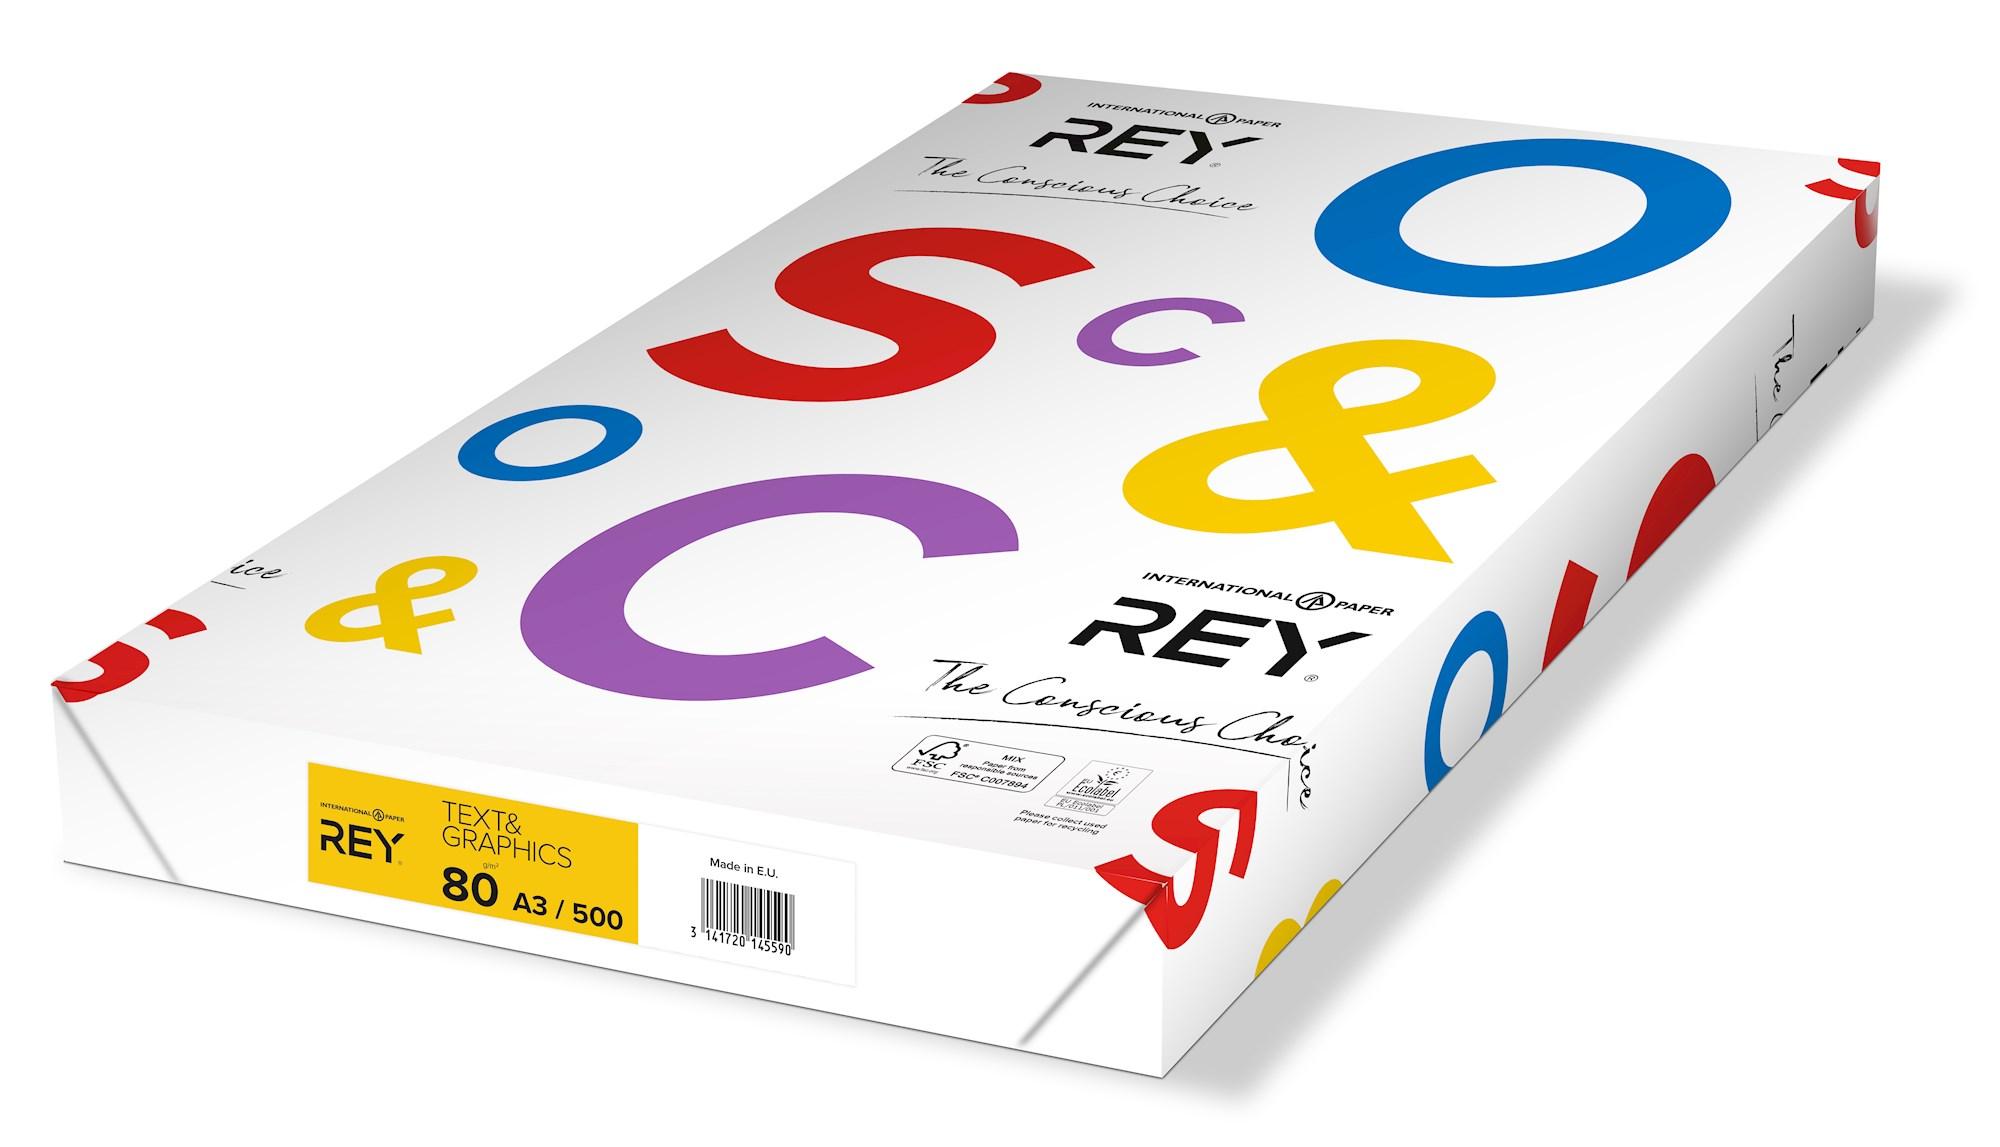 Papīrs REY TEXT & GRAPHICS A3 80g/m2, 500 loksnes/iepakojumā